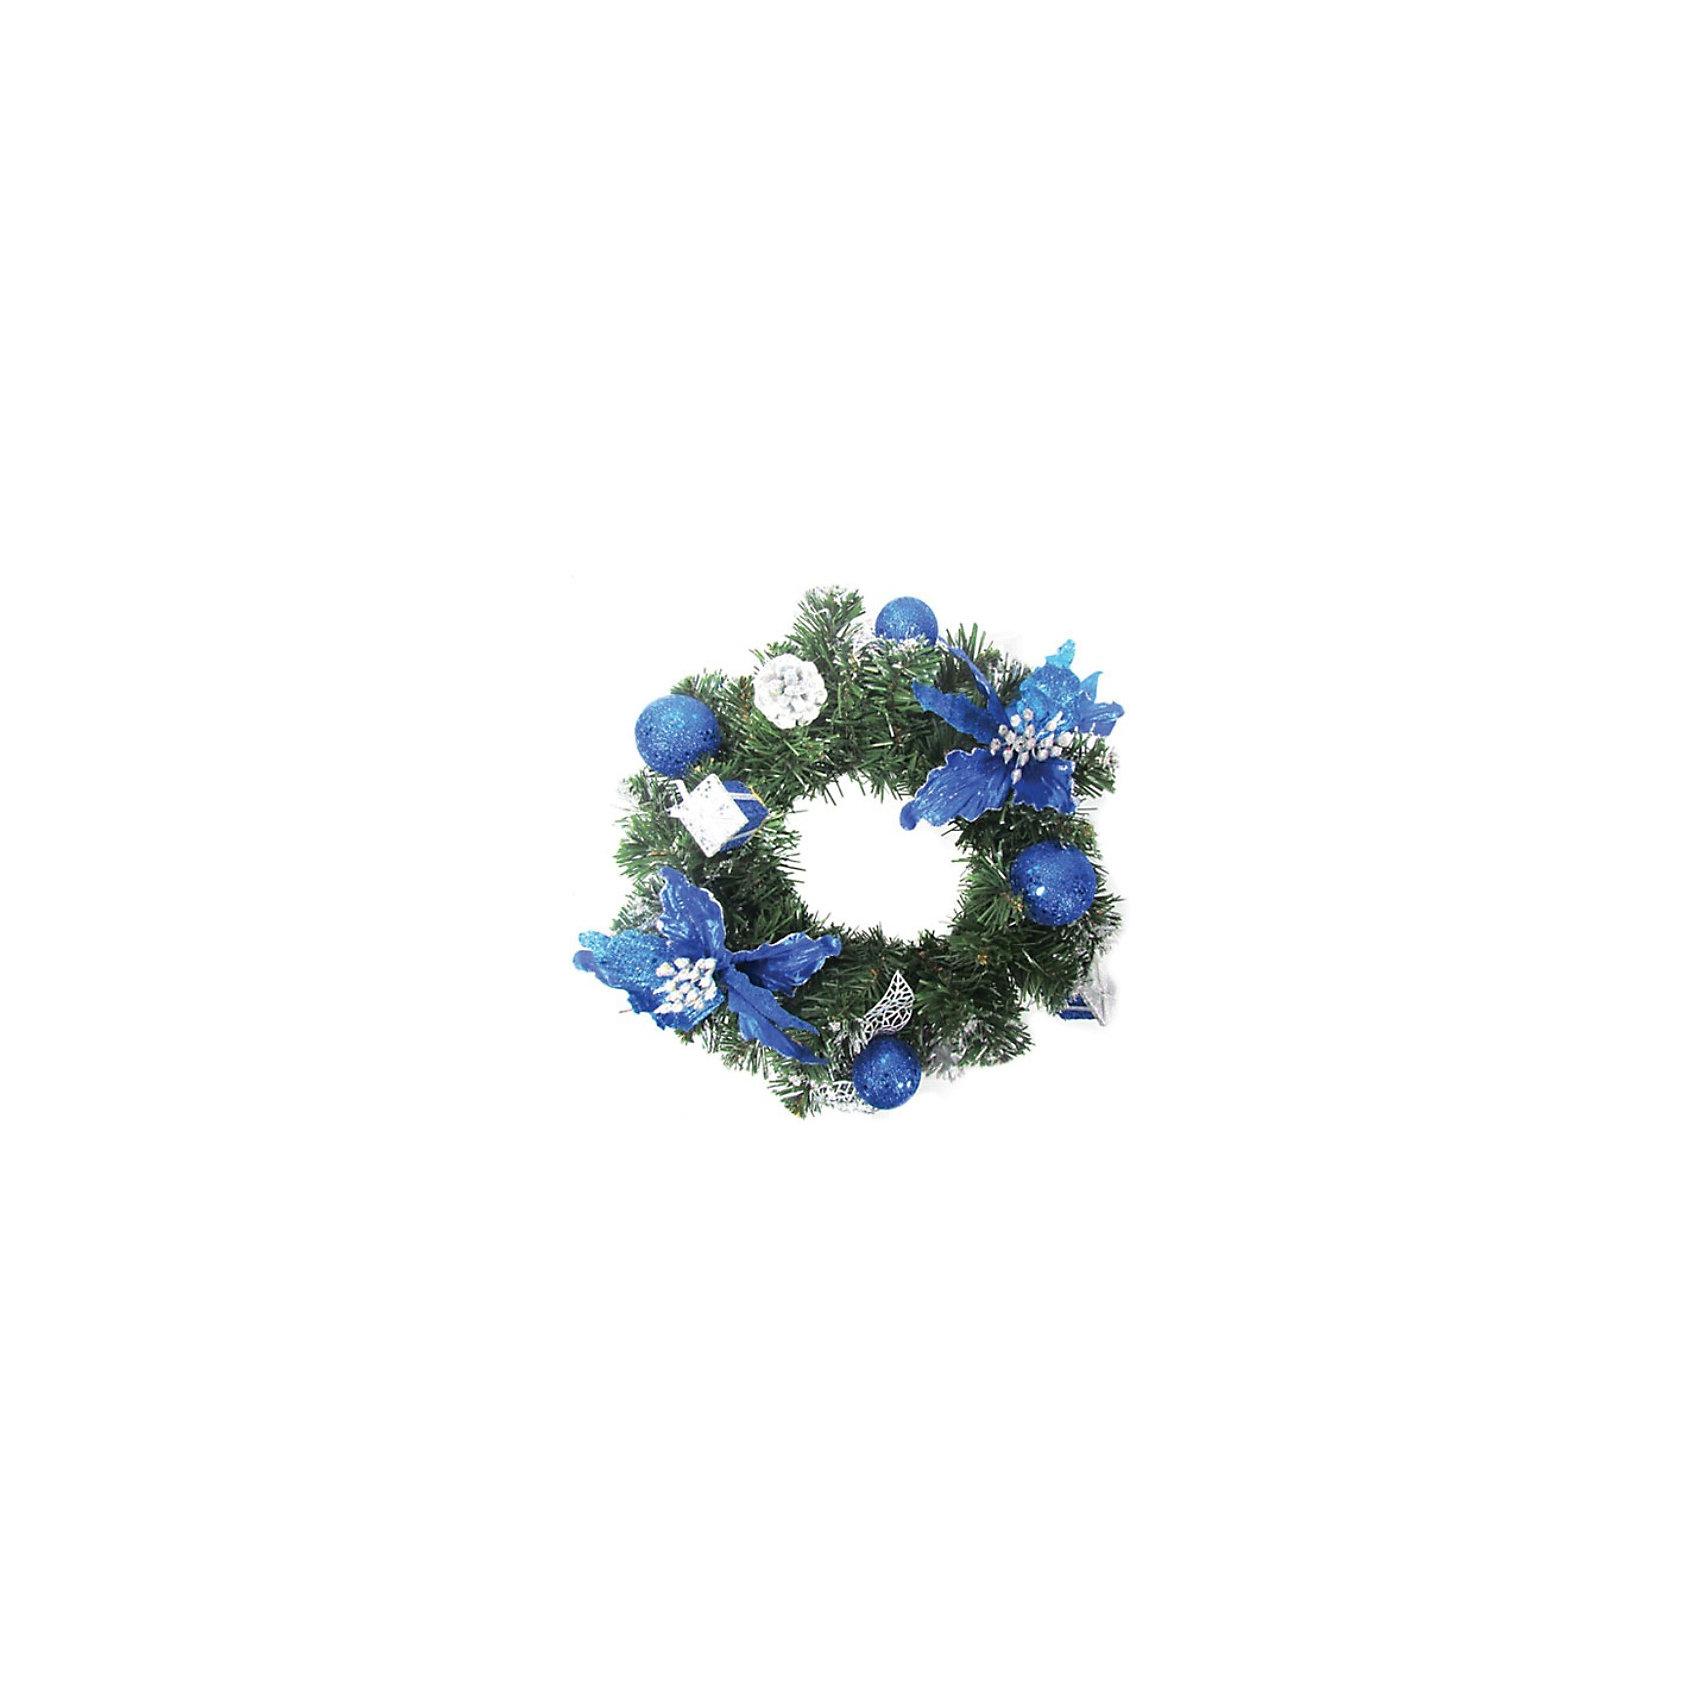 Венок хвойный с синими украшениями, 30 см, TUKZARХвойный венок, Tukzar (Тукзар) станет замечательным украшением Вашего интерьера и поможет создать волшебную атмосферу новогодних и рождественских праздников. Нарядный, искусно выполненный венок в виде еловых веток красиво декорирован синими украшениями, шишками и ленточками. Венок можно повесить на двери или стены комнаты, он будет чудесно смотреться и радовать детей и взрослых. <br><br>Дополнительная информация:<br><br>- Цвет украшений: синий.<br>- Диаметр венка: 30 см.<br>- Размер упаковки: 30 х 30 х 10см.<br>- Вес: 0,278 кг. <br><br>Хвойный венок, Tukzar (Тукзар) можно купить в нашем интернет-магазине.<br><br>Ширина мм: 300<br>Глубина мм: 300<br>Высота мм: 100<br>Вес г: 277<br>Возраст от месяцев: 36<br>Возраст до месяцев: 168<br>Пол: Унисекс<br>Возраст: Детский<br>SKU: 3875830